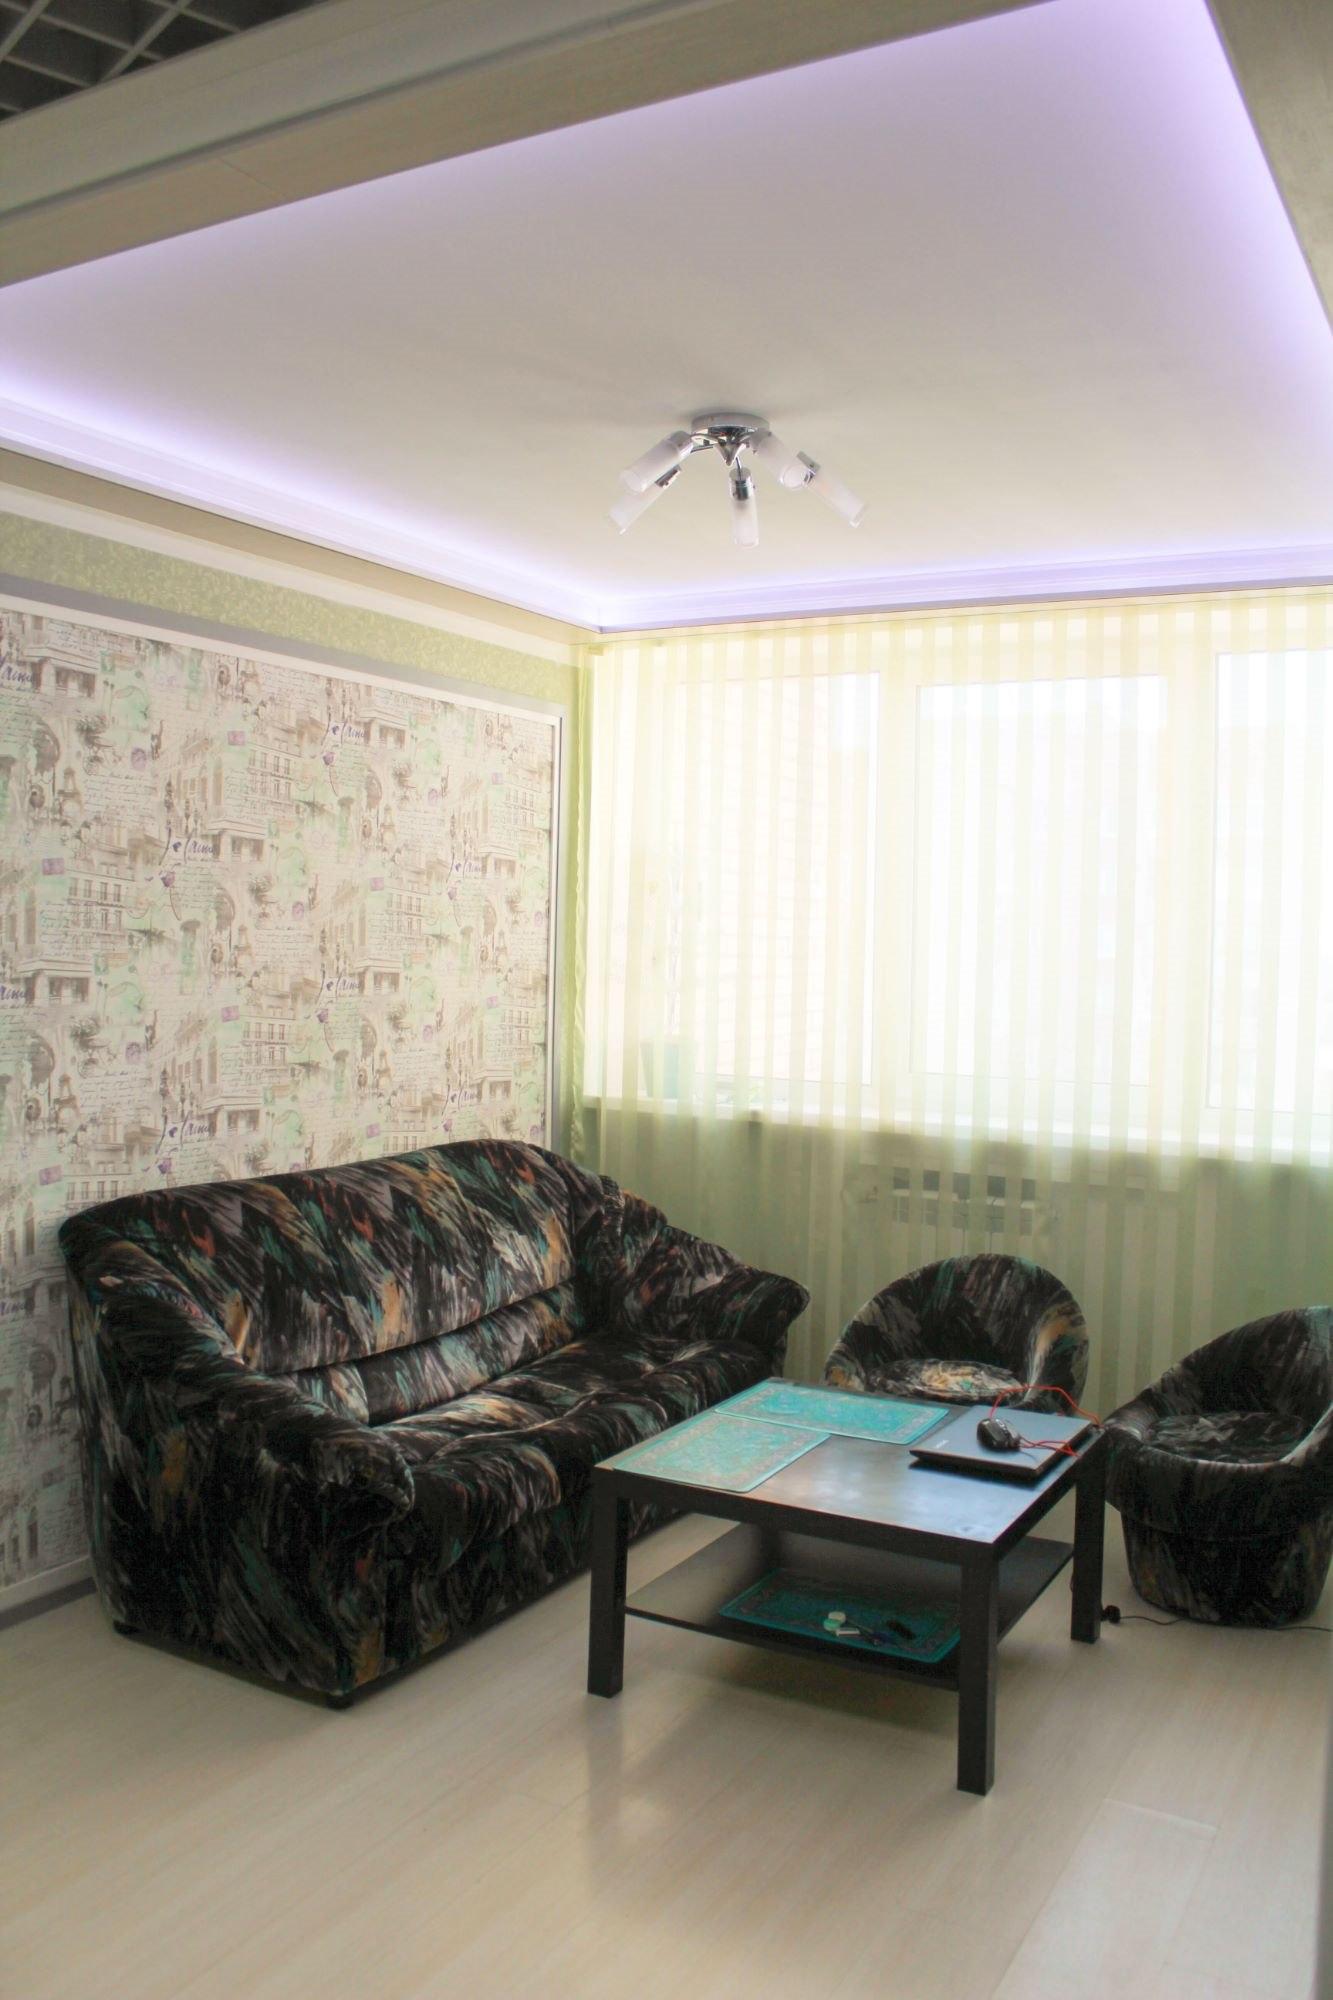 dffbb472986c3 Купить квартиру у метро Парнас в Санкт-Петербурге: 214 объявлений о ...